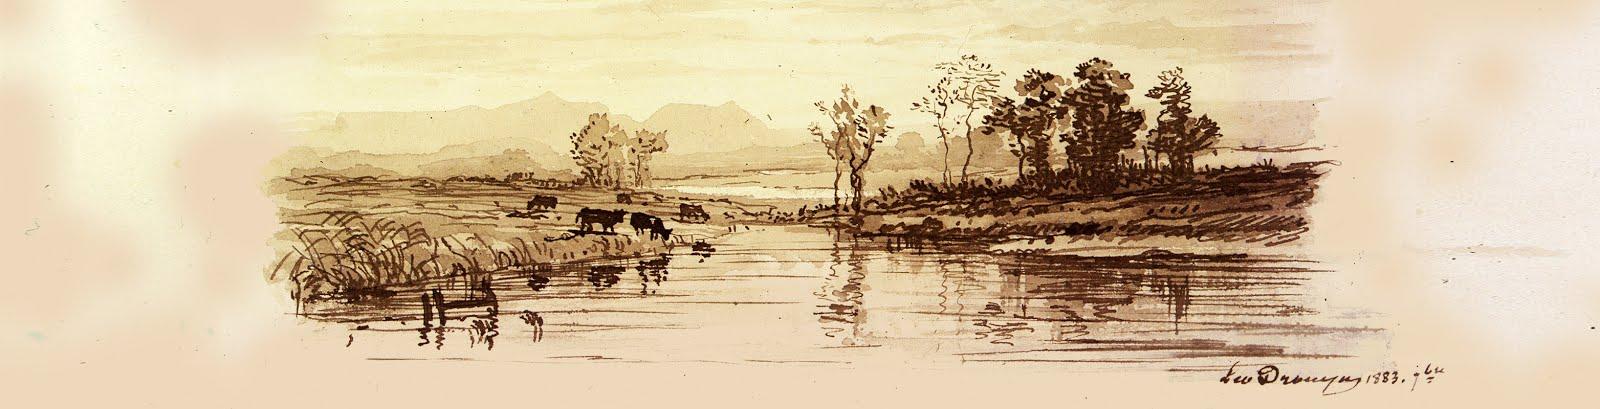 Lande, vaches, marais et pins : dessin de Leo Drouyn